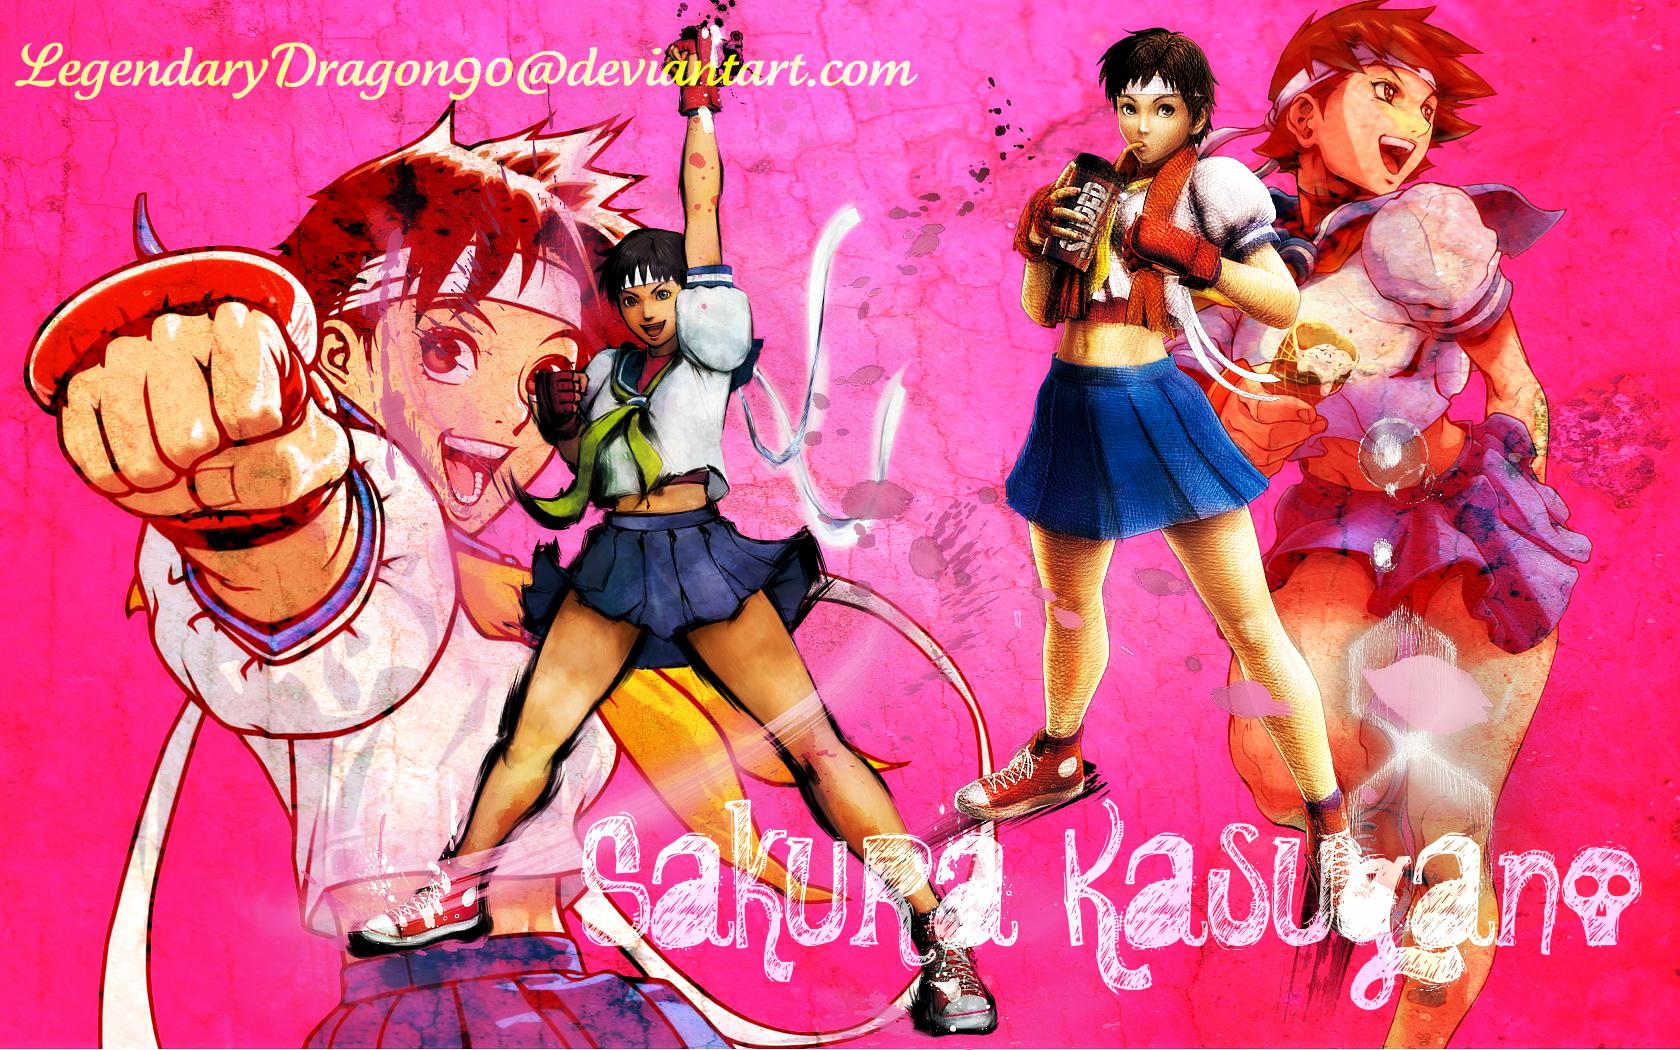 Sakura Street Fighter Wallpaper